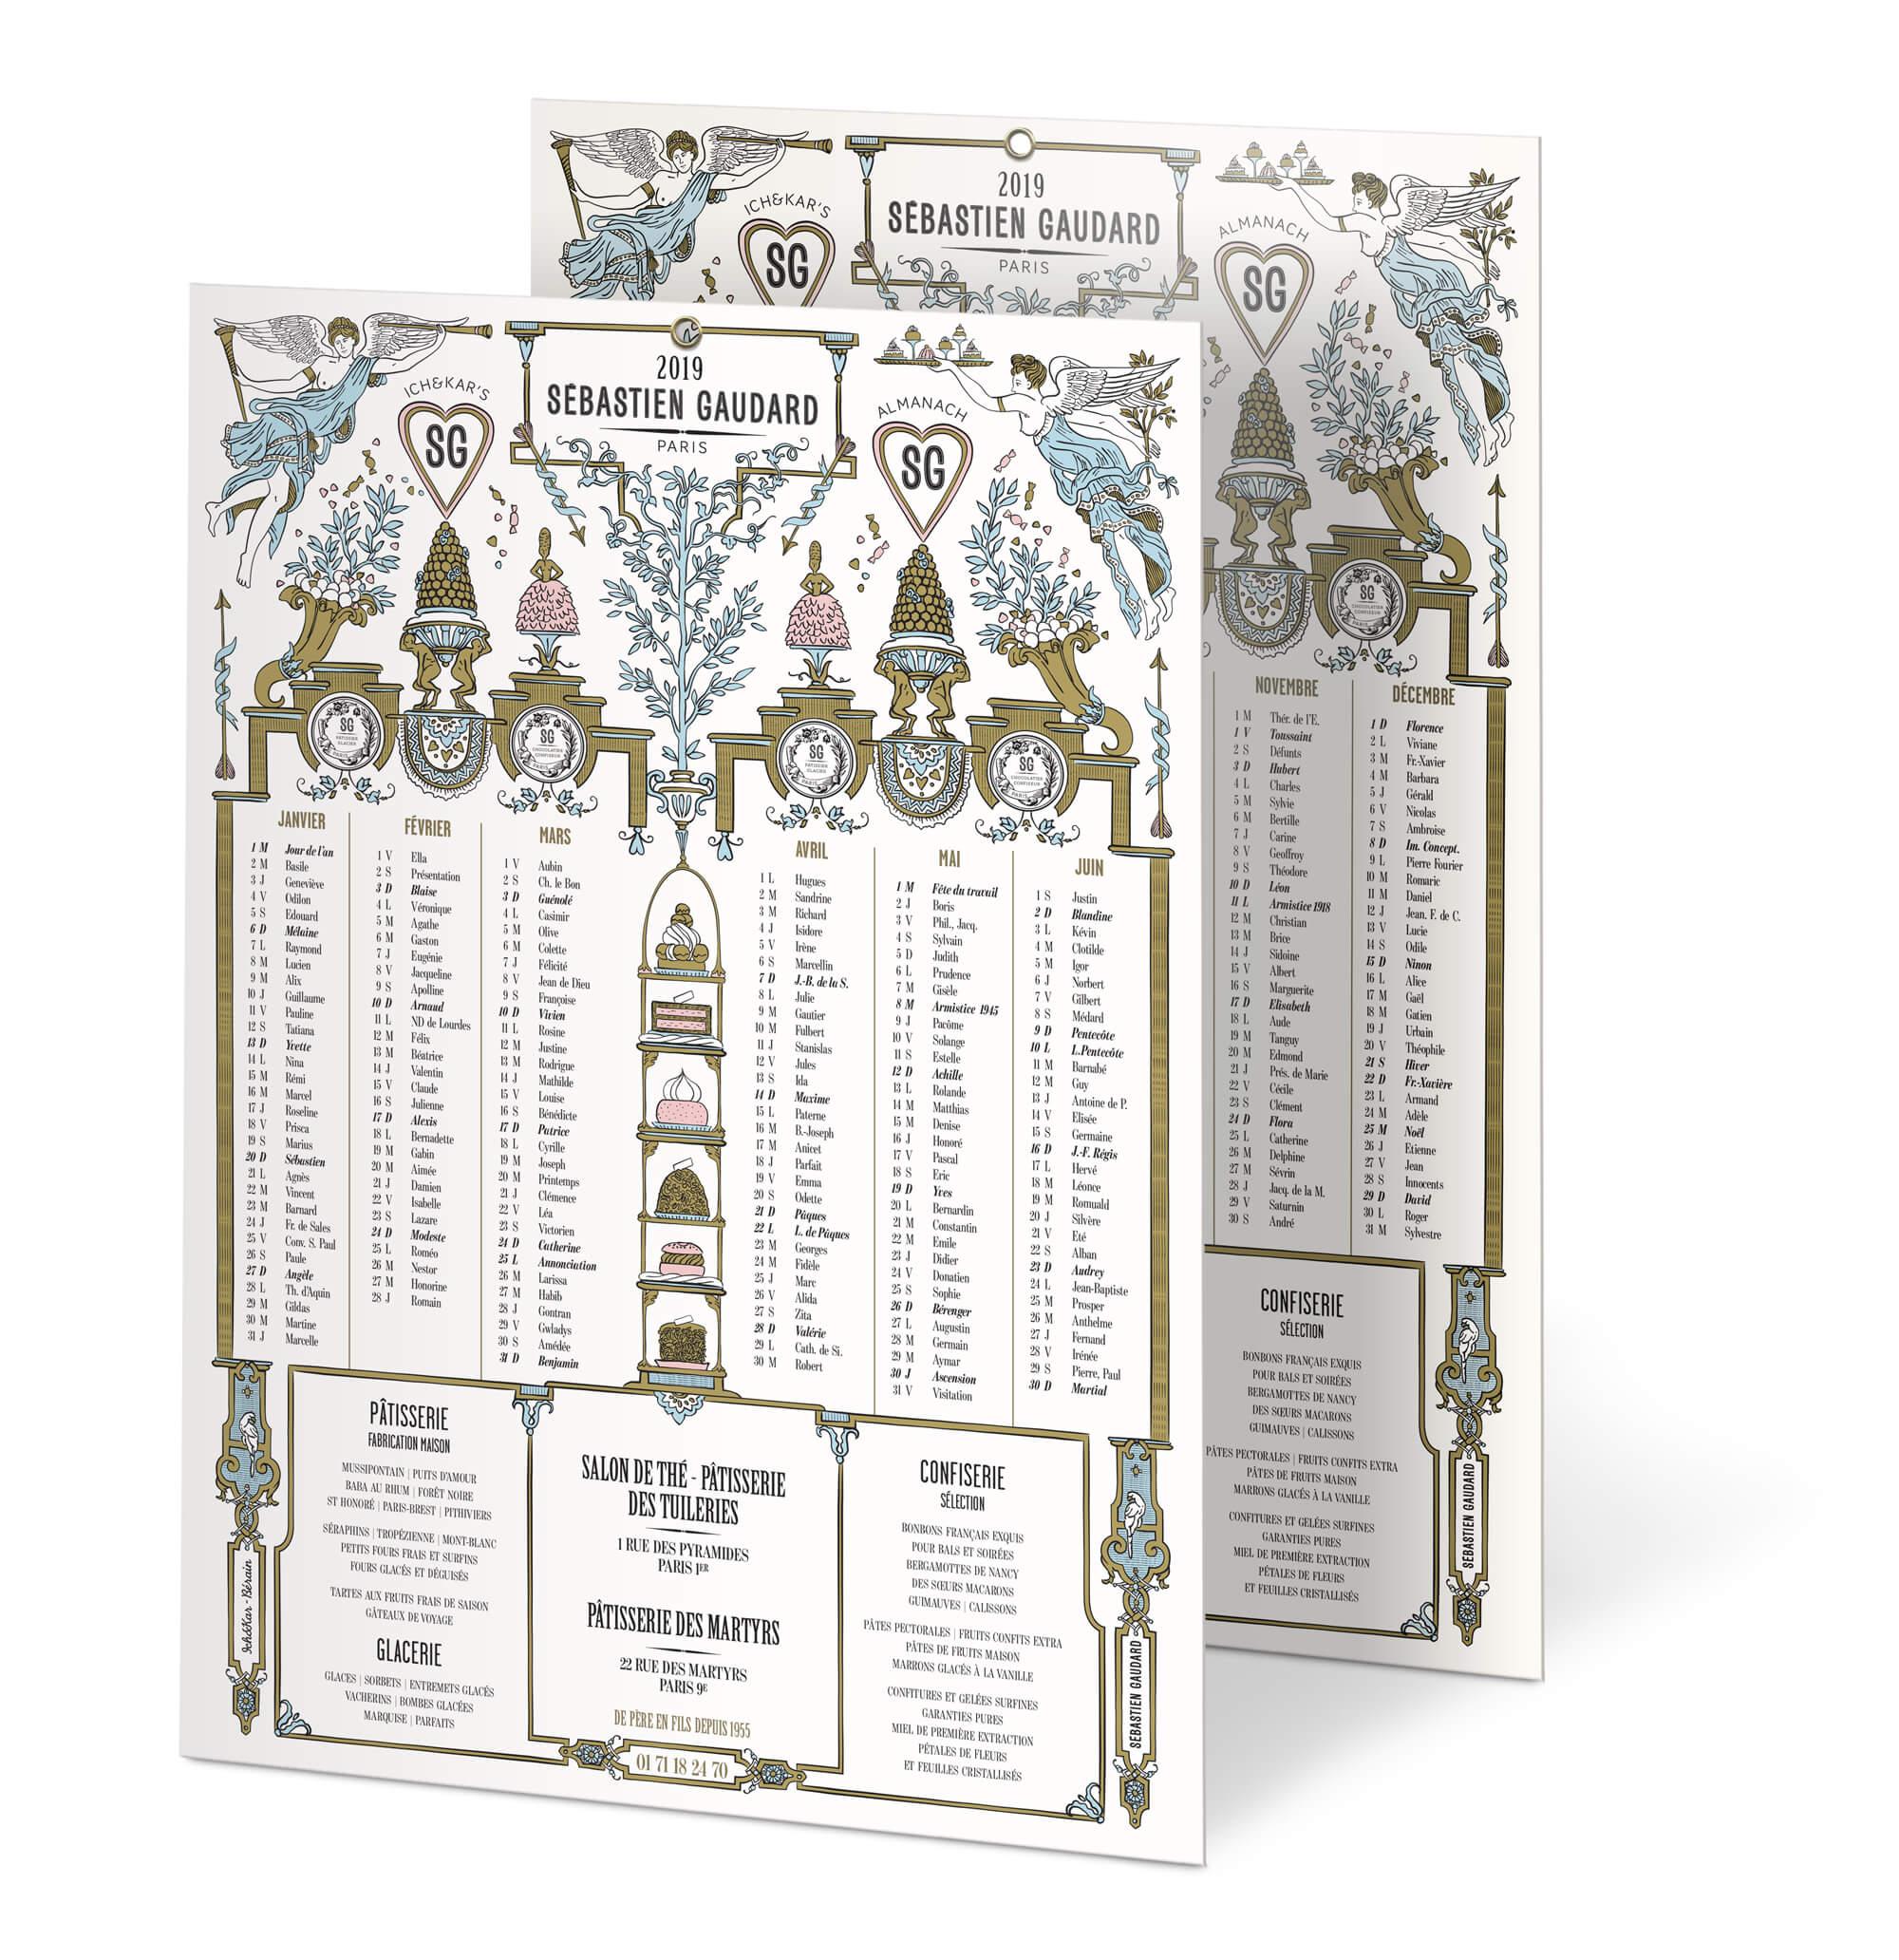 visuel de l'almanach illustré par Ich&Kar dans un style classique 18e siècle inspiré du décorateur Bérain, pour le patissier parisien Sébastien Gaudard